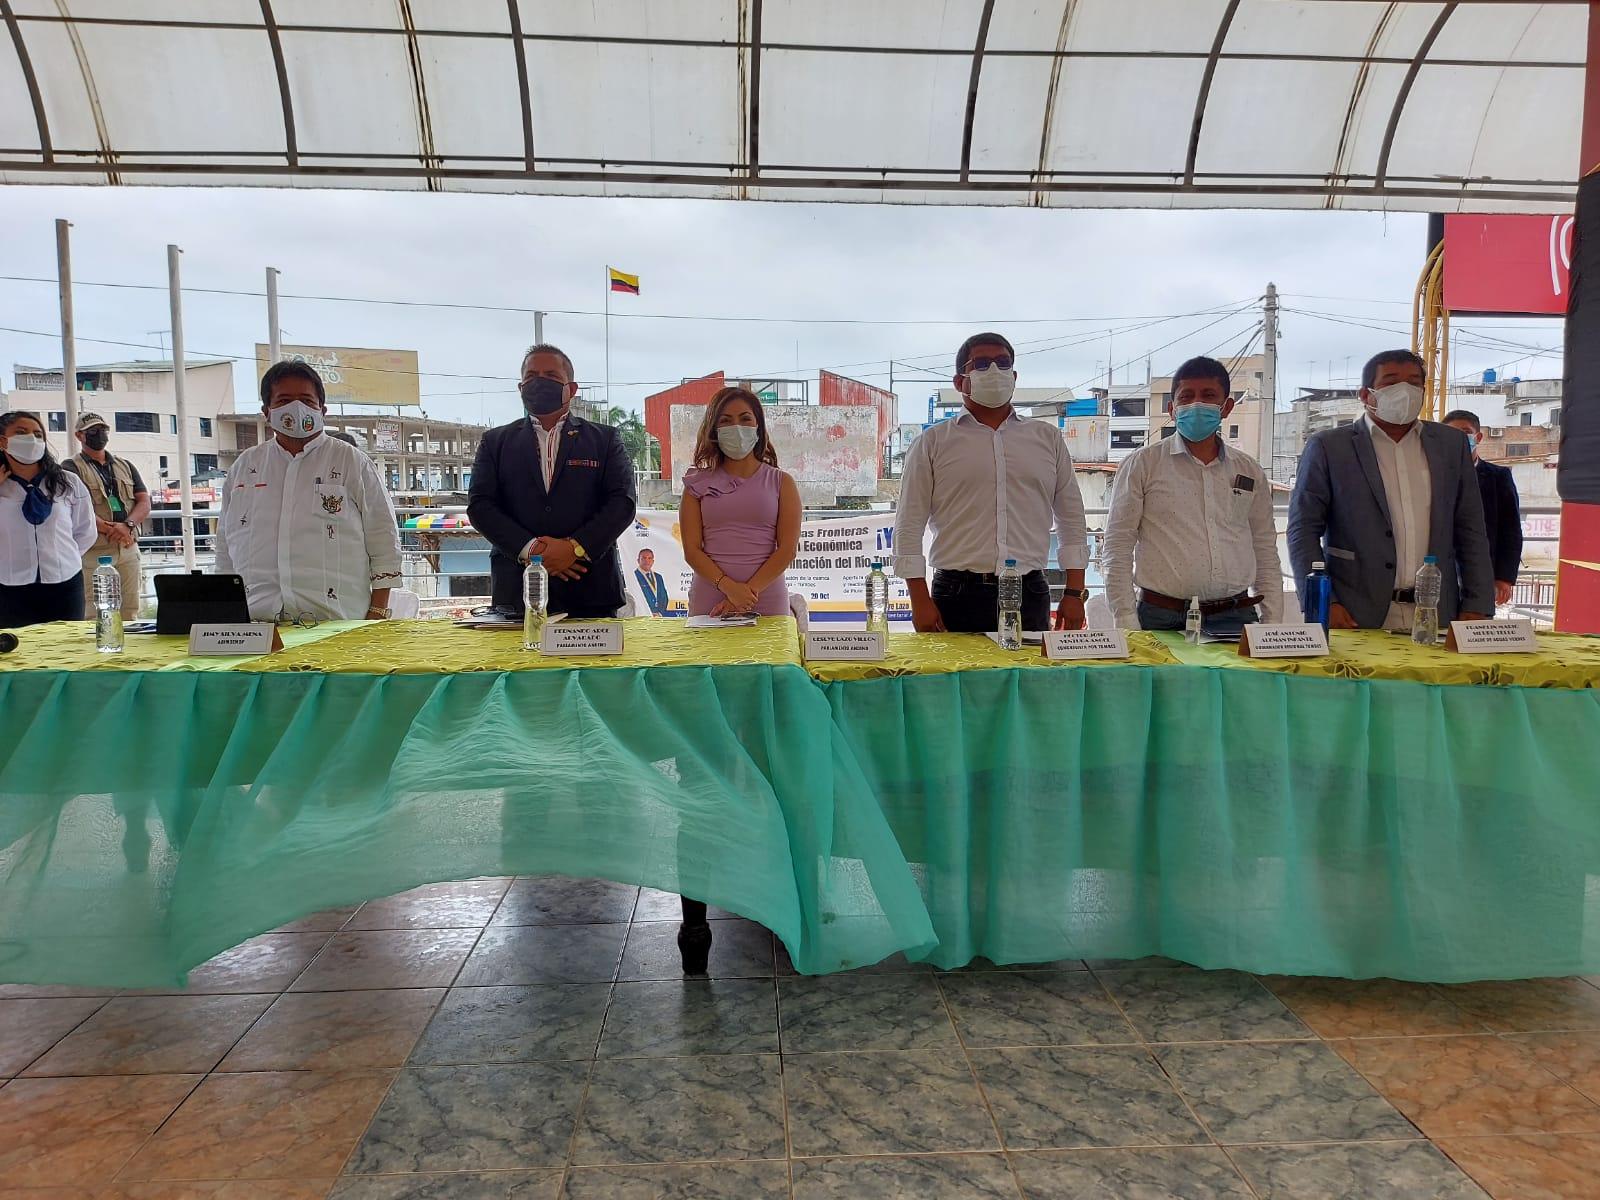 Gobierno Regional suma esfuerzos para reabrir la frontera con Ecuador y así contribuir a la reactivación económica en la zona norte del Perú